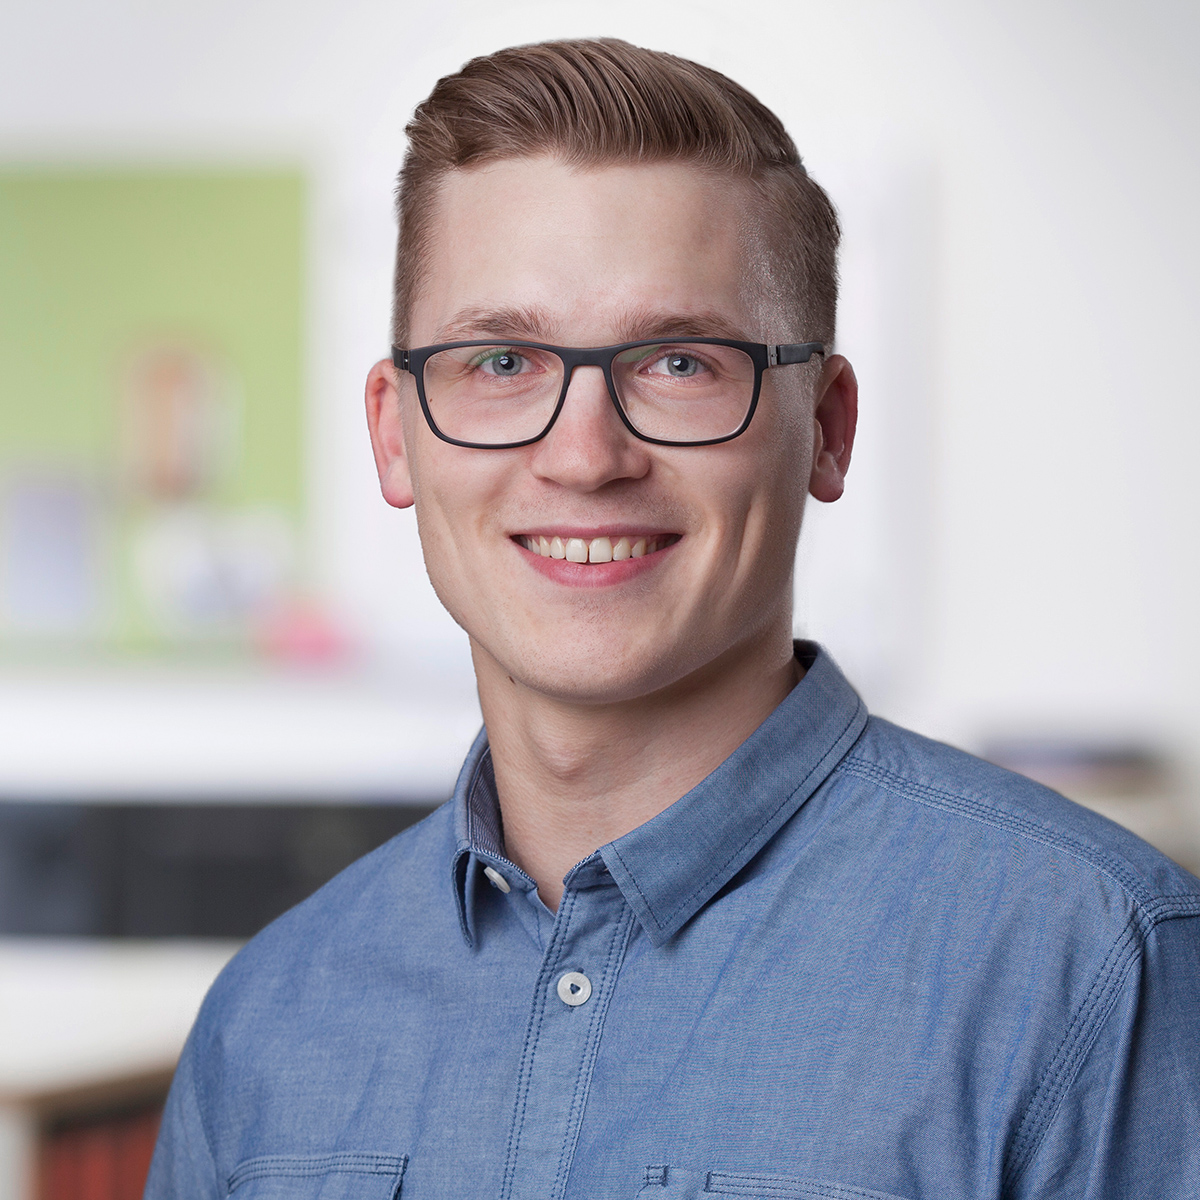 Steffen Sauermann | Technischer Systemplaner ELT / Duales Studium Gebäudesystemtechnologie